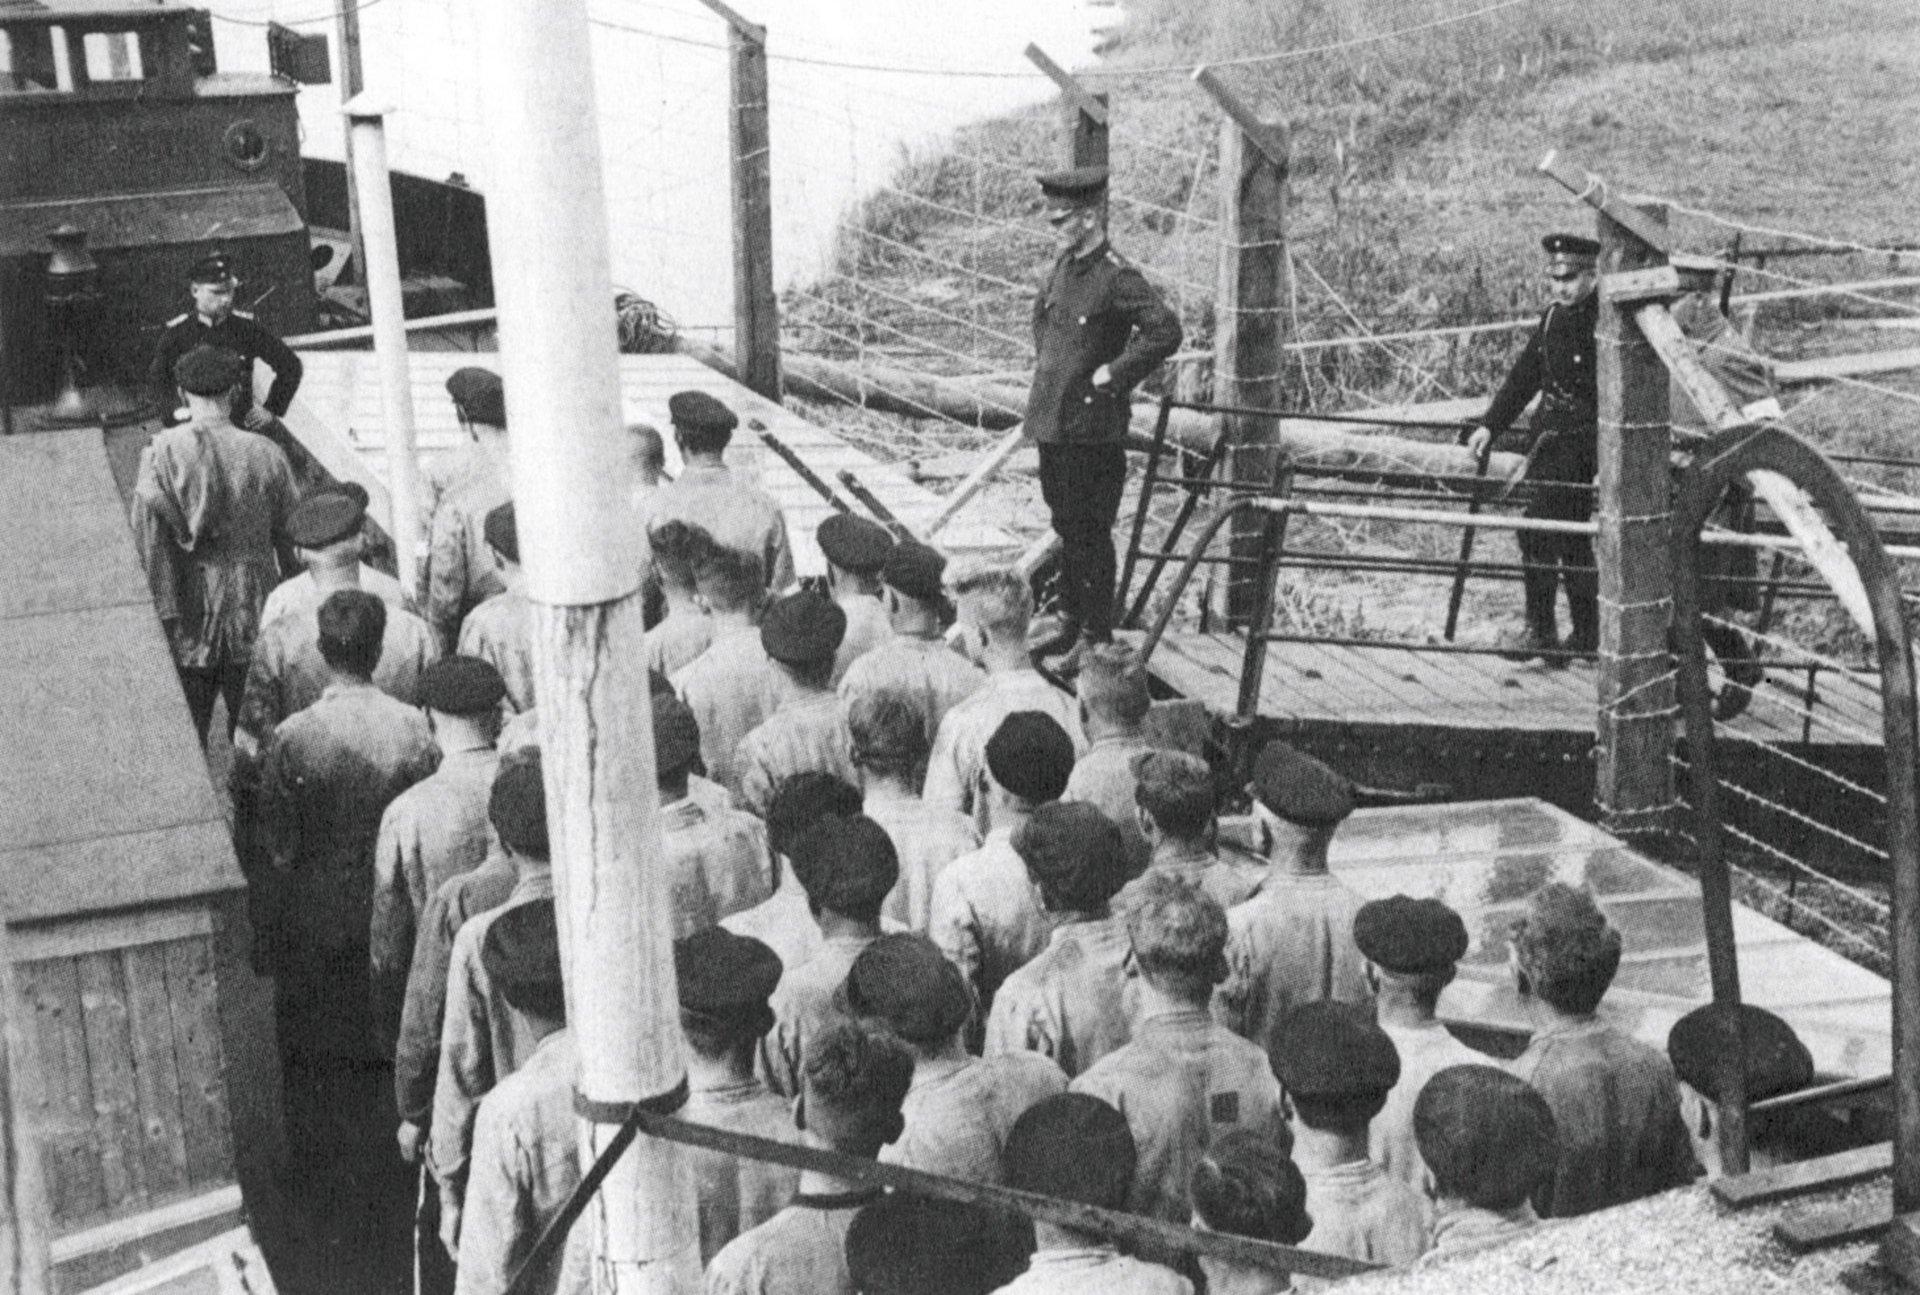 Entren los muchos campos de concentración improvisados que se destinaron a recluir a oponentes políticos en 1933 se contaba este viejo remolcador del río Ochtum a su paso por las inmediaciones de Bremen.